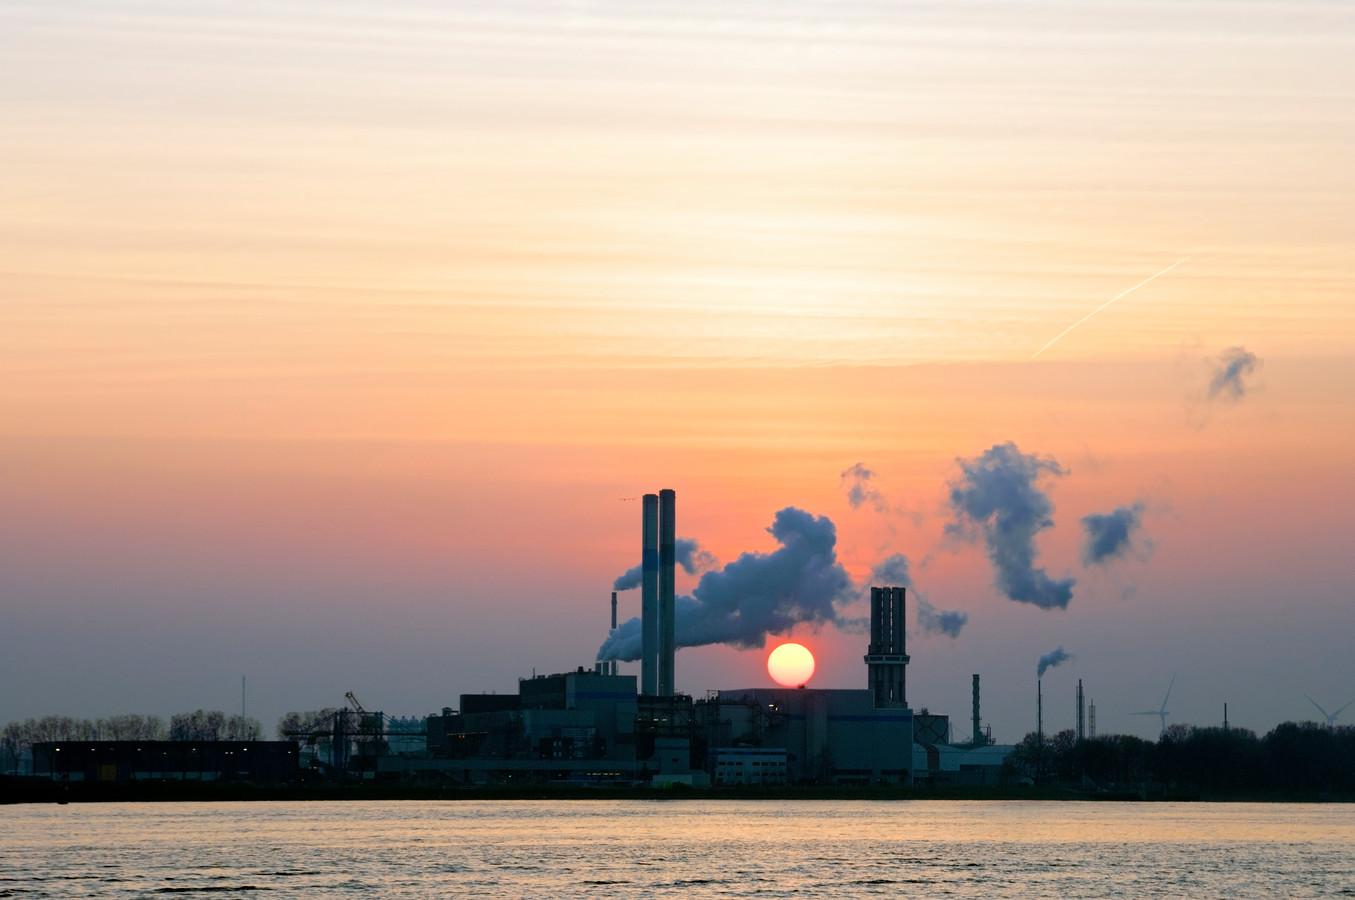 In deze fabriek aan de rivier de Nieuwe Waterweg in Rozenburg wordt afval, restafval, verbrand en met de restwarmte worden Rotterdamse woningen verwarmd.